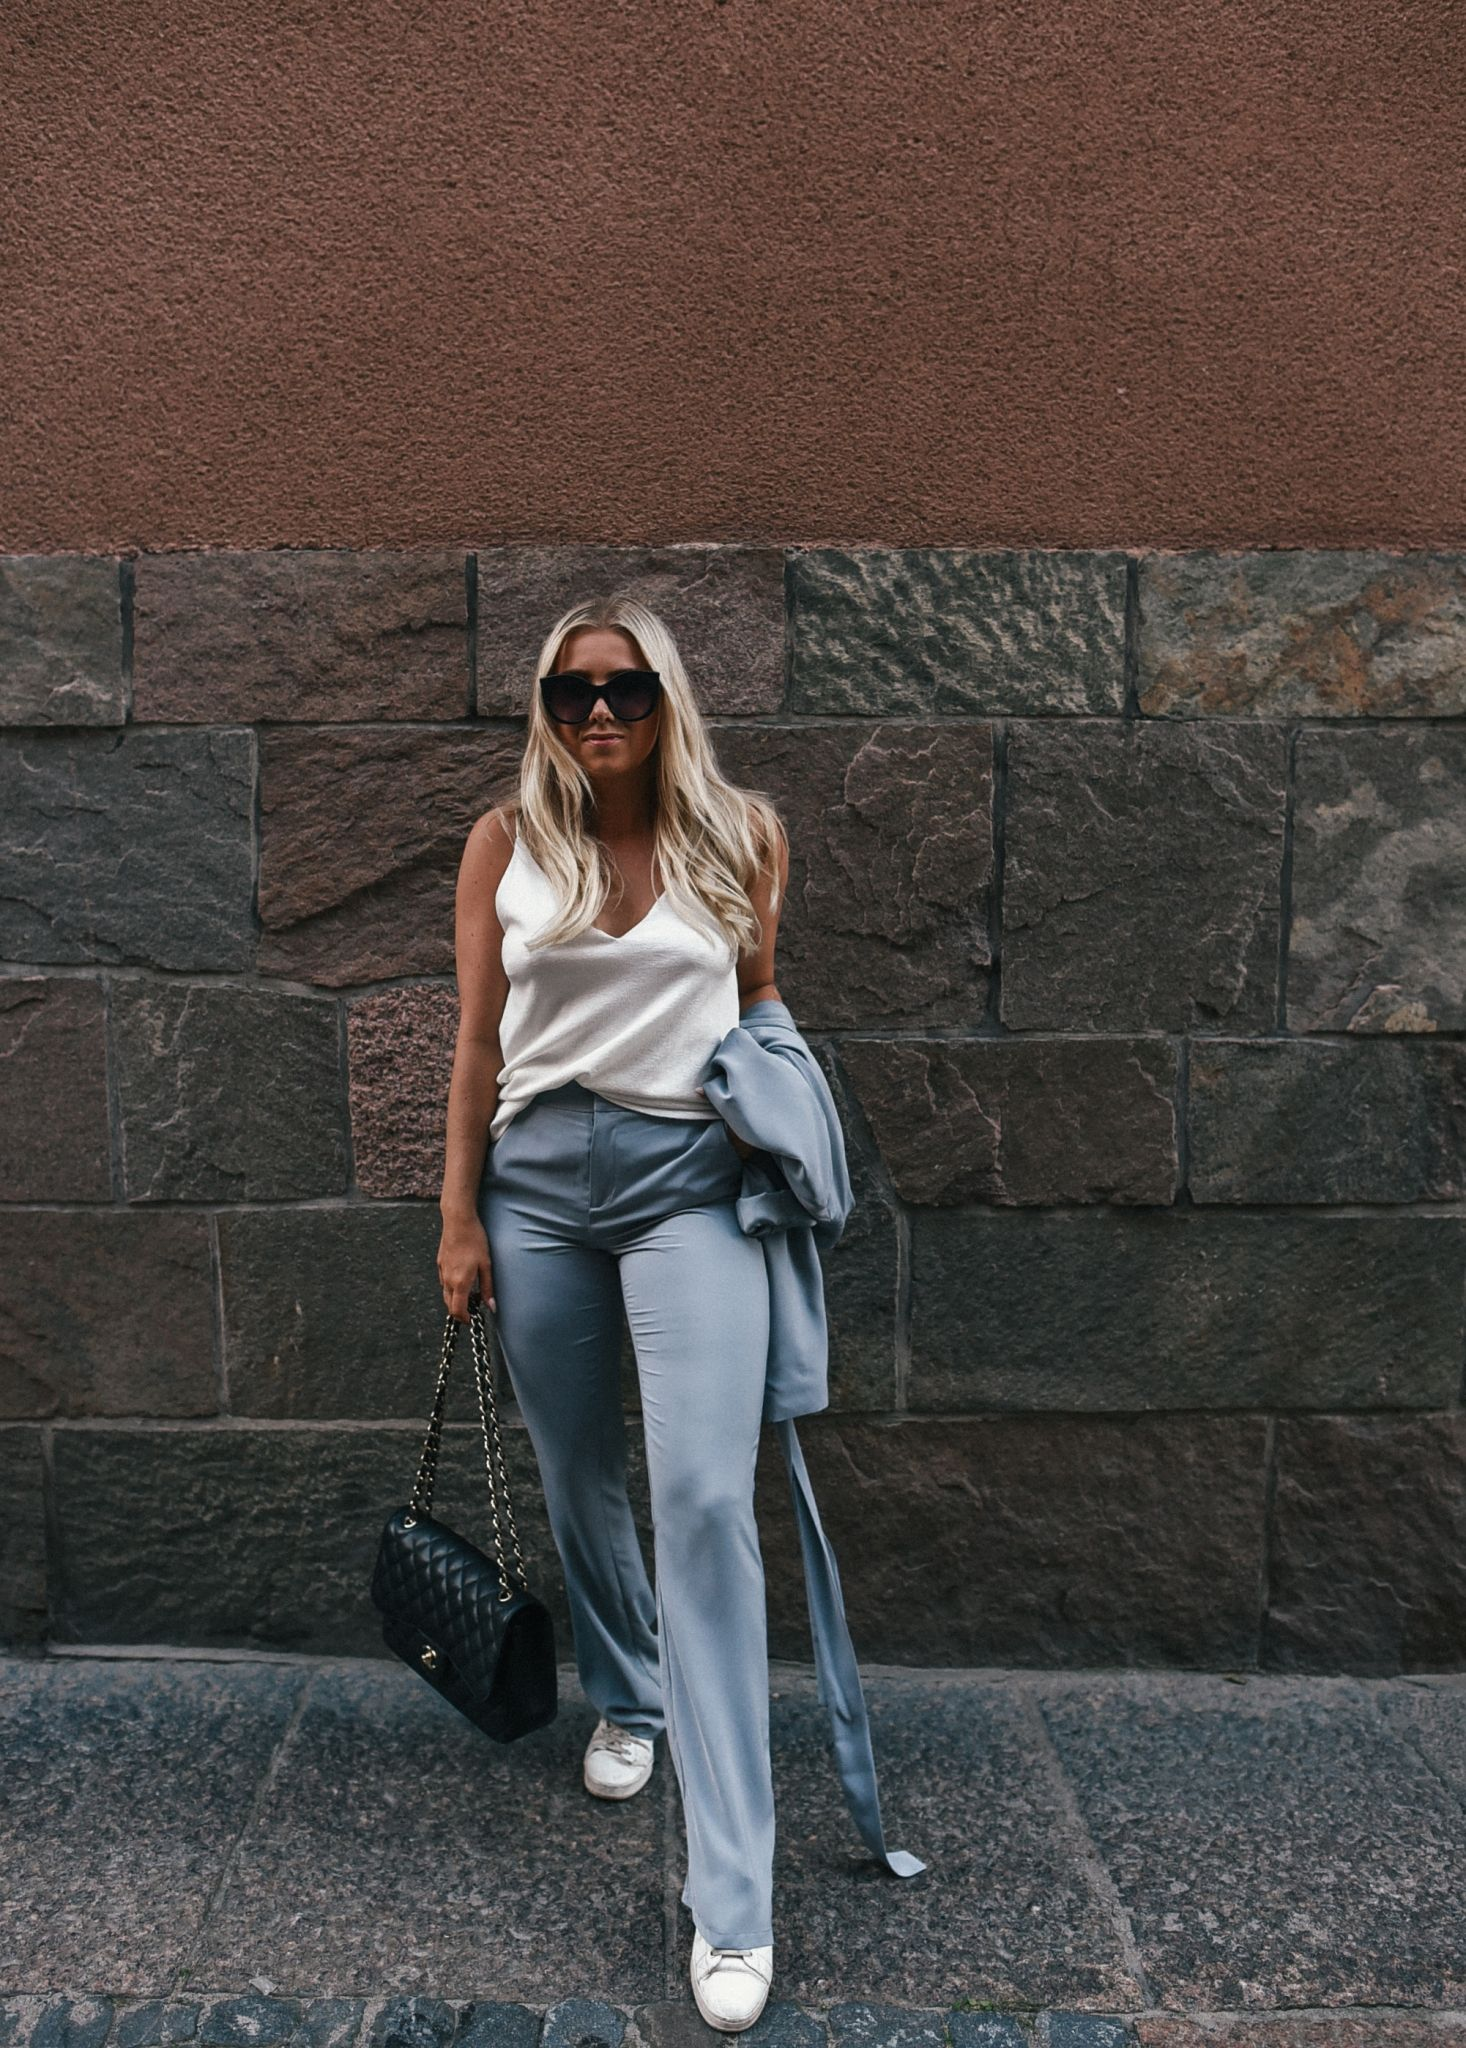 NELLY/S REA - Hanna Friberg